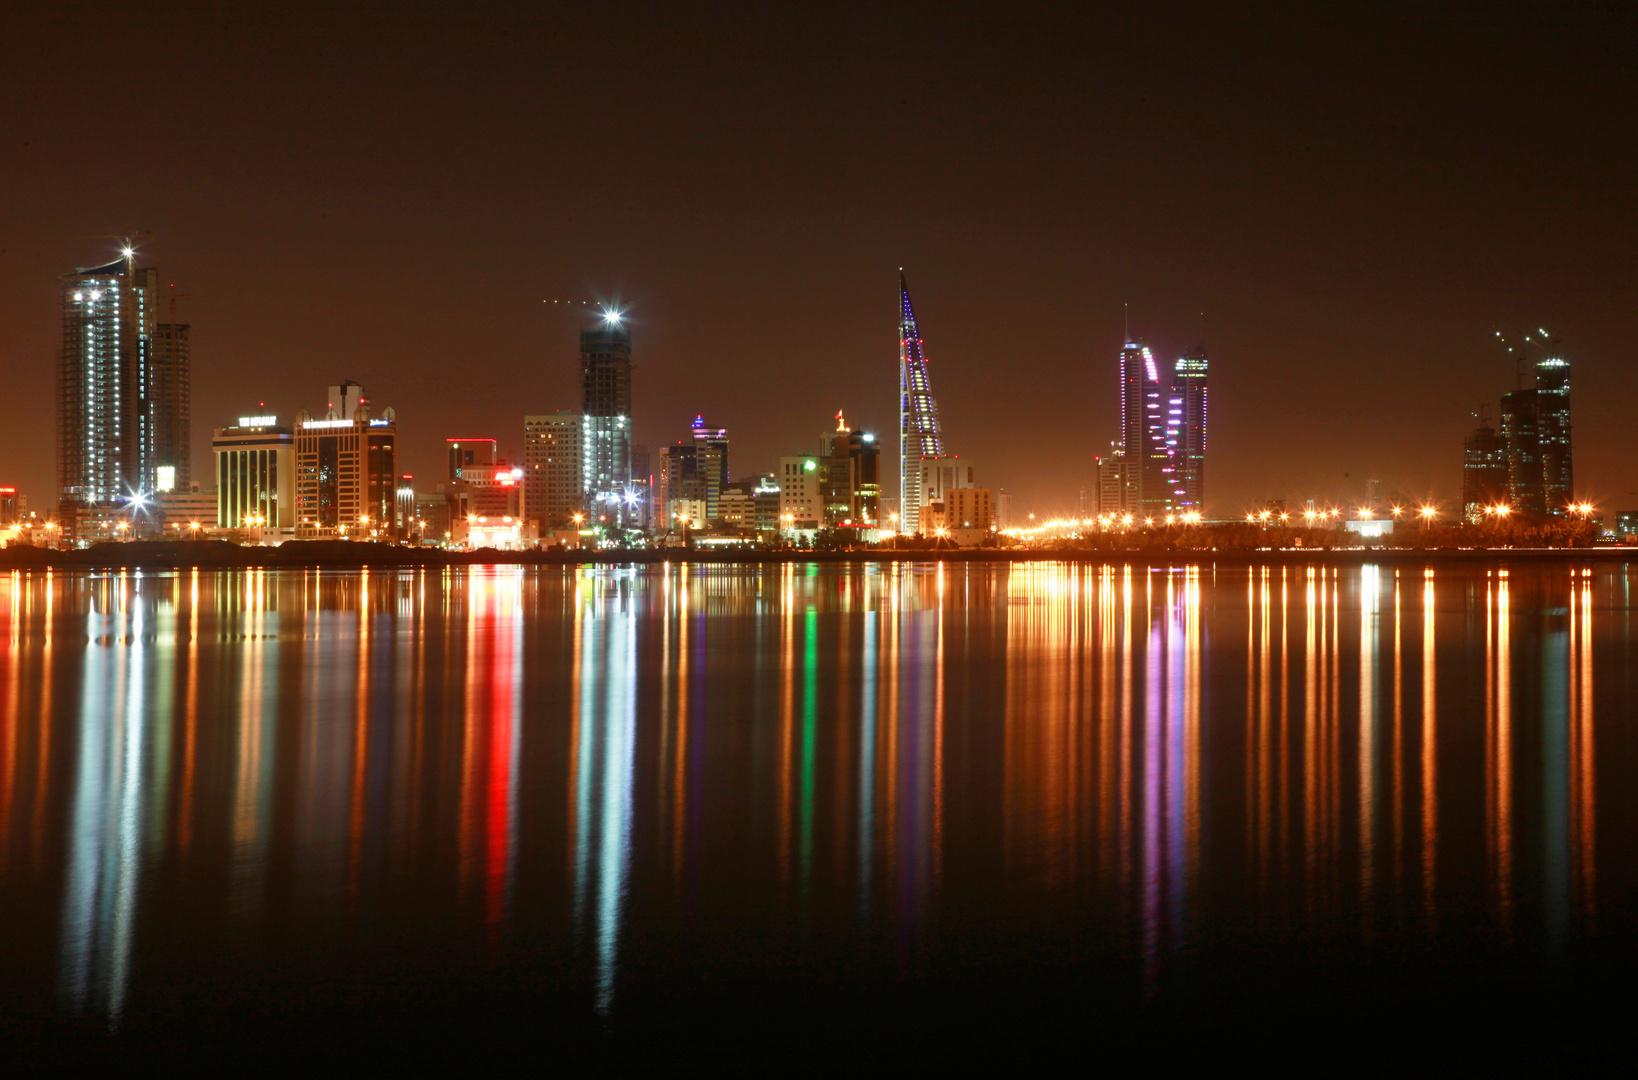 البحرين تعلق دخول المسافرين من 16 دولة بسبب كورونا